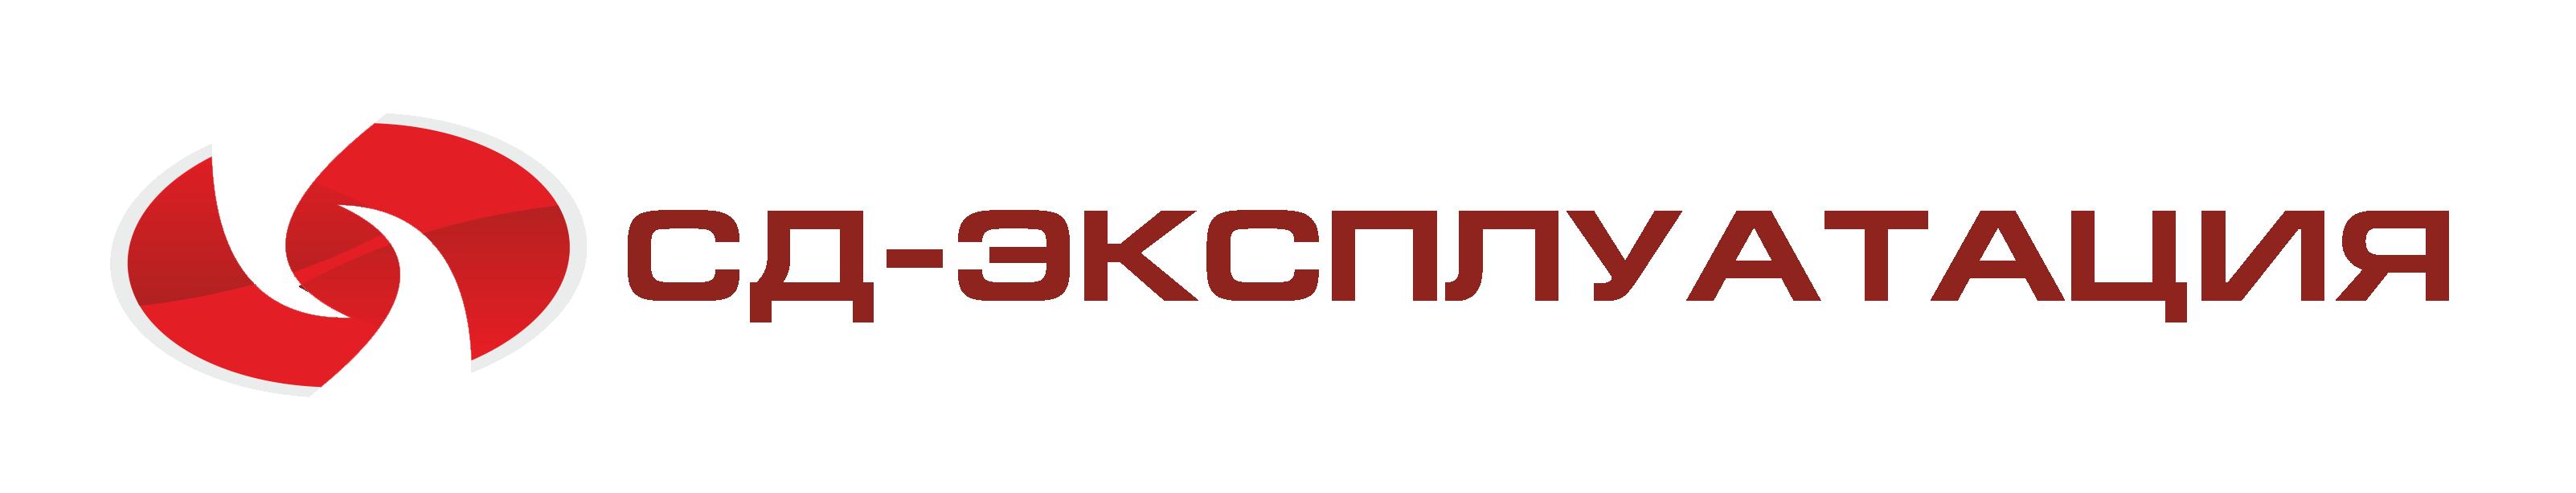 """Портал для управляющей компании """"СД-Эксплуатация"""""""